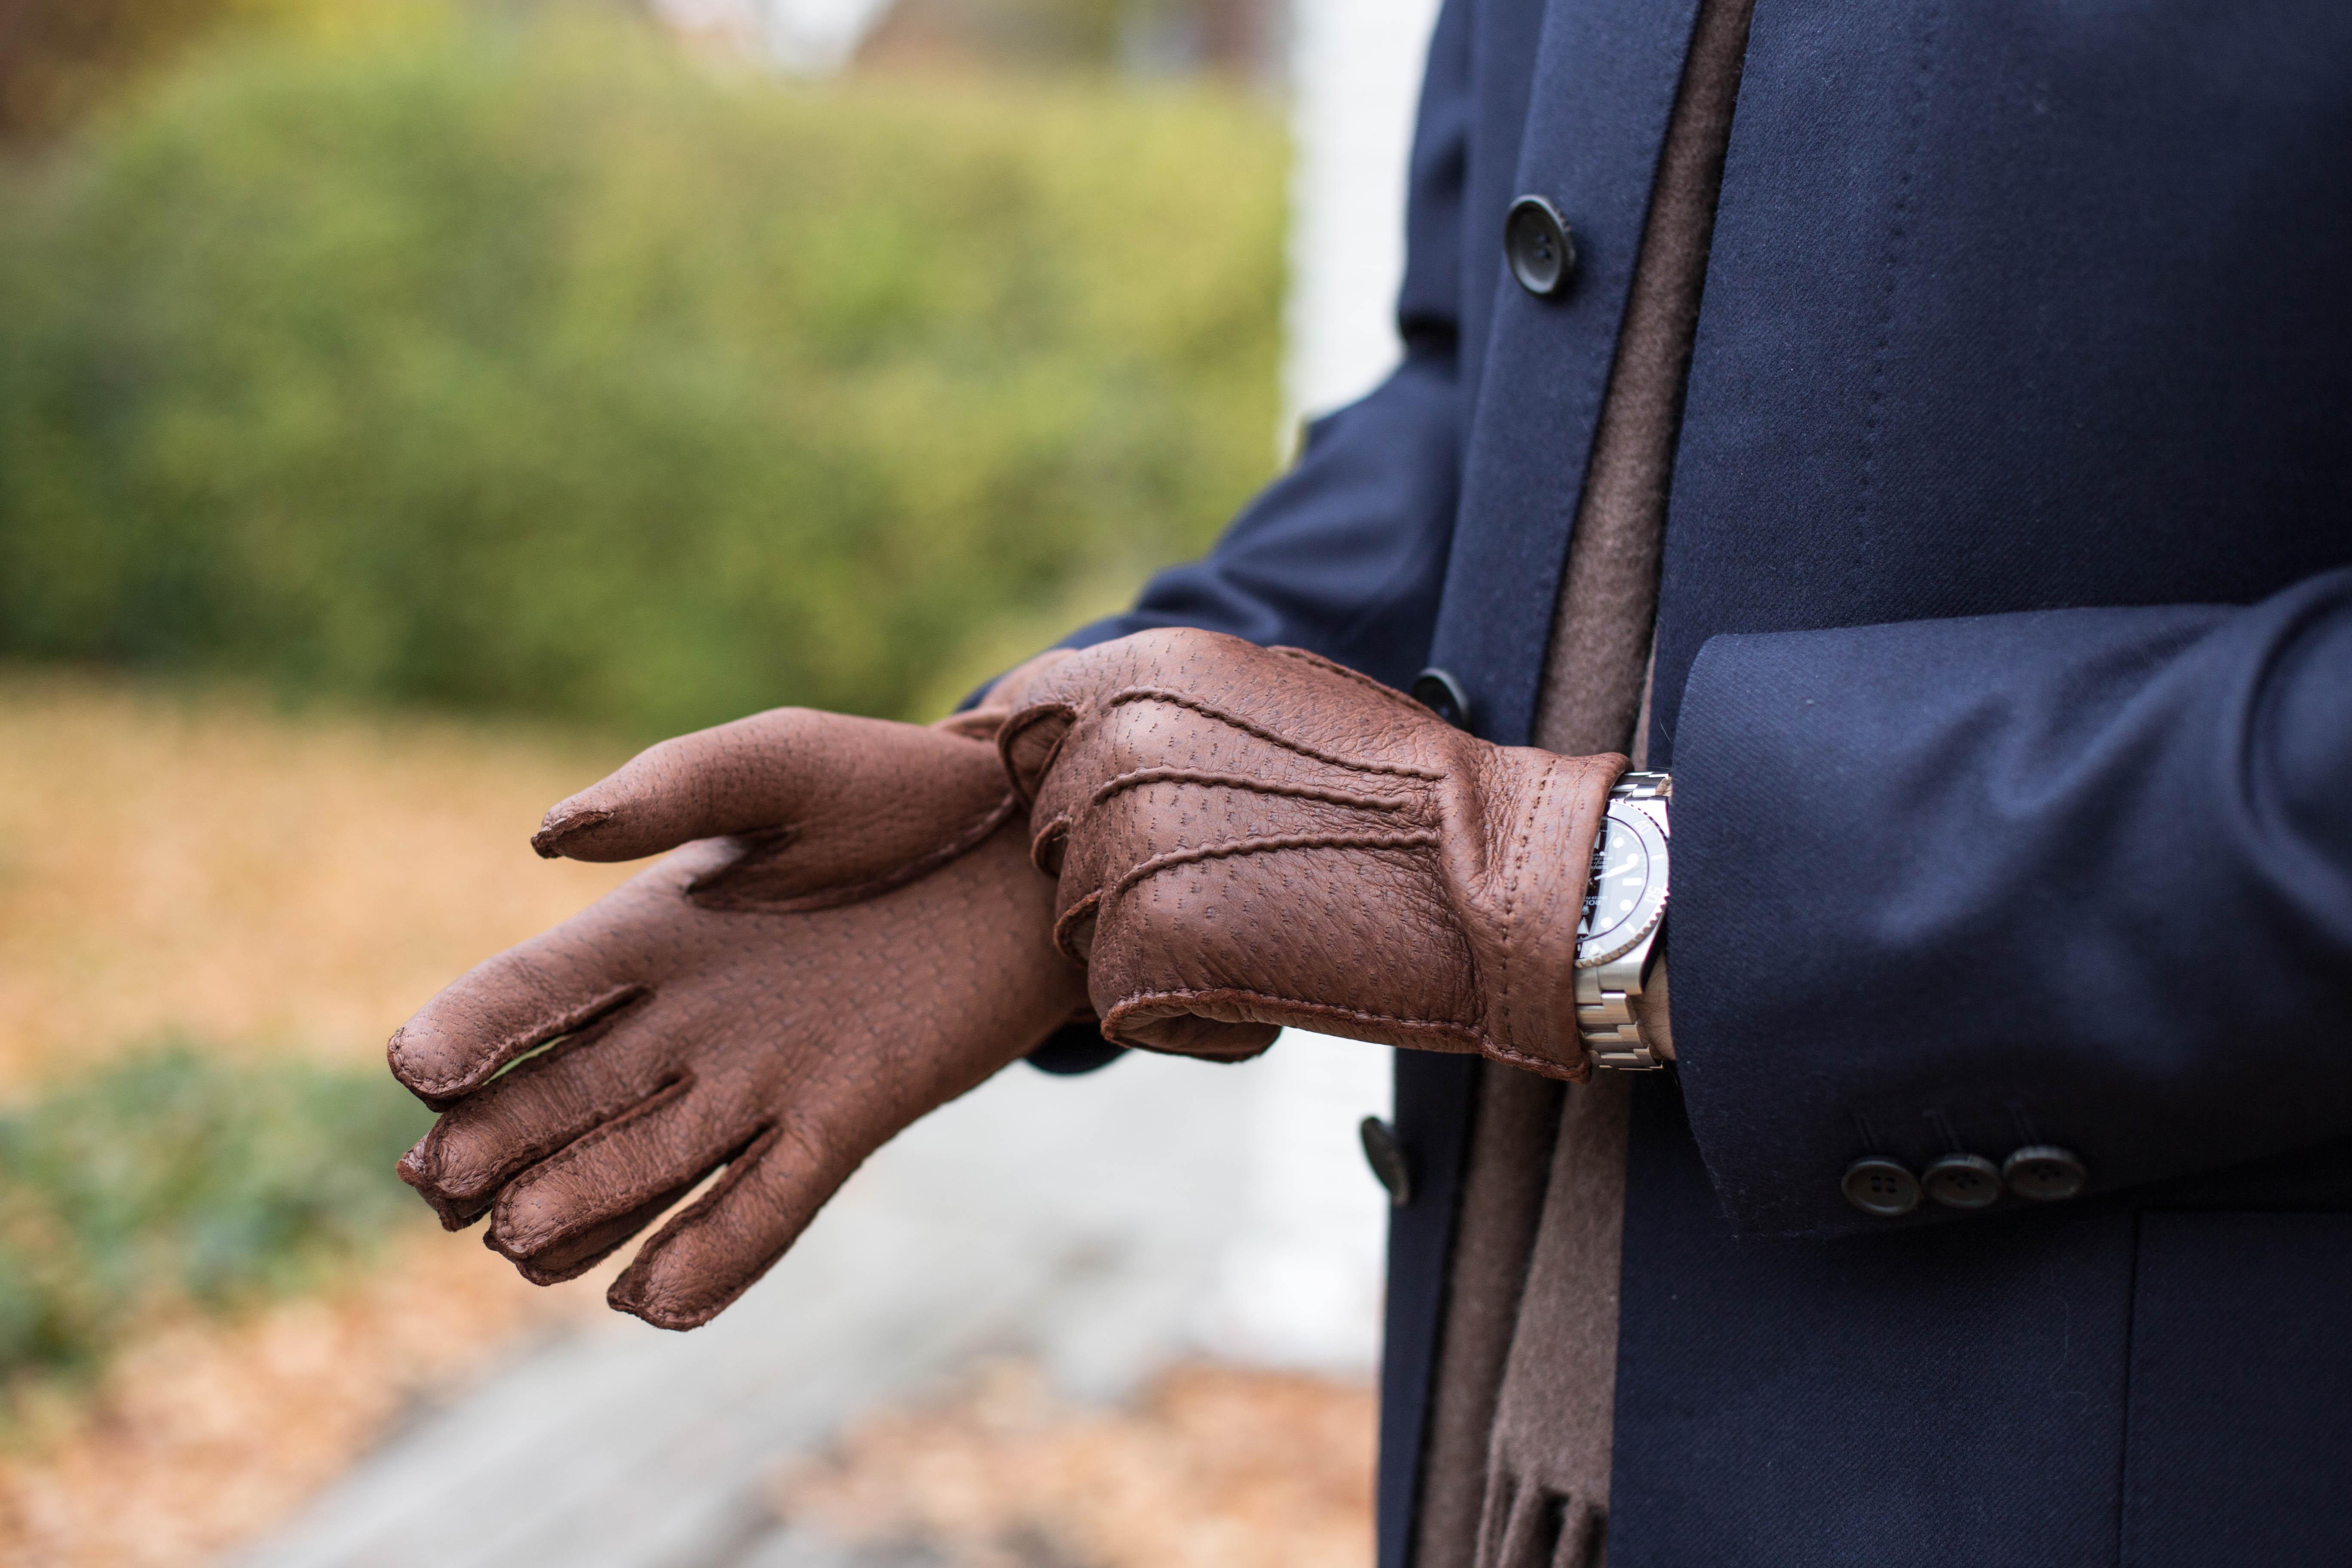 3d0d4c737b77e Hestra Bespoke Gloves - AleksJJ